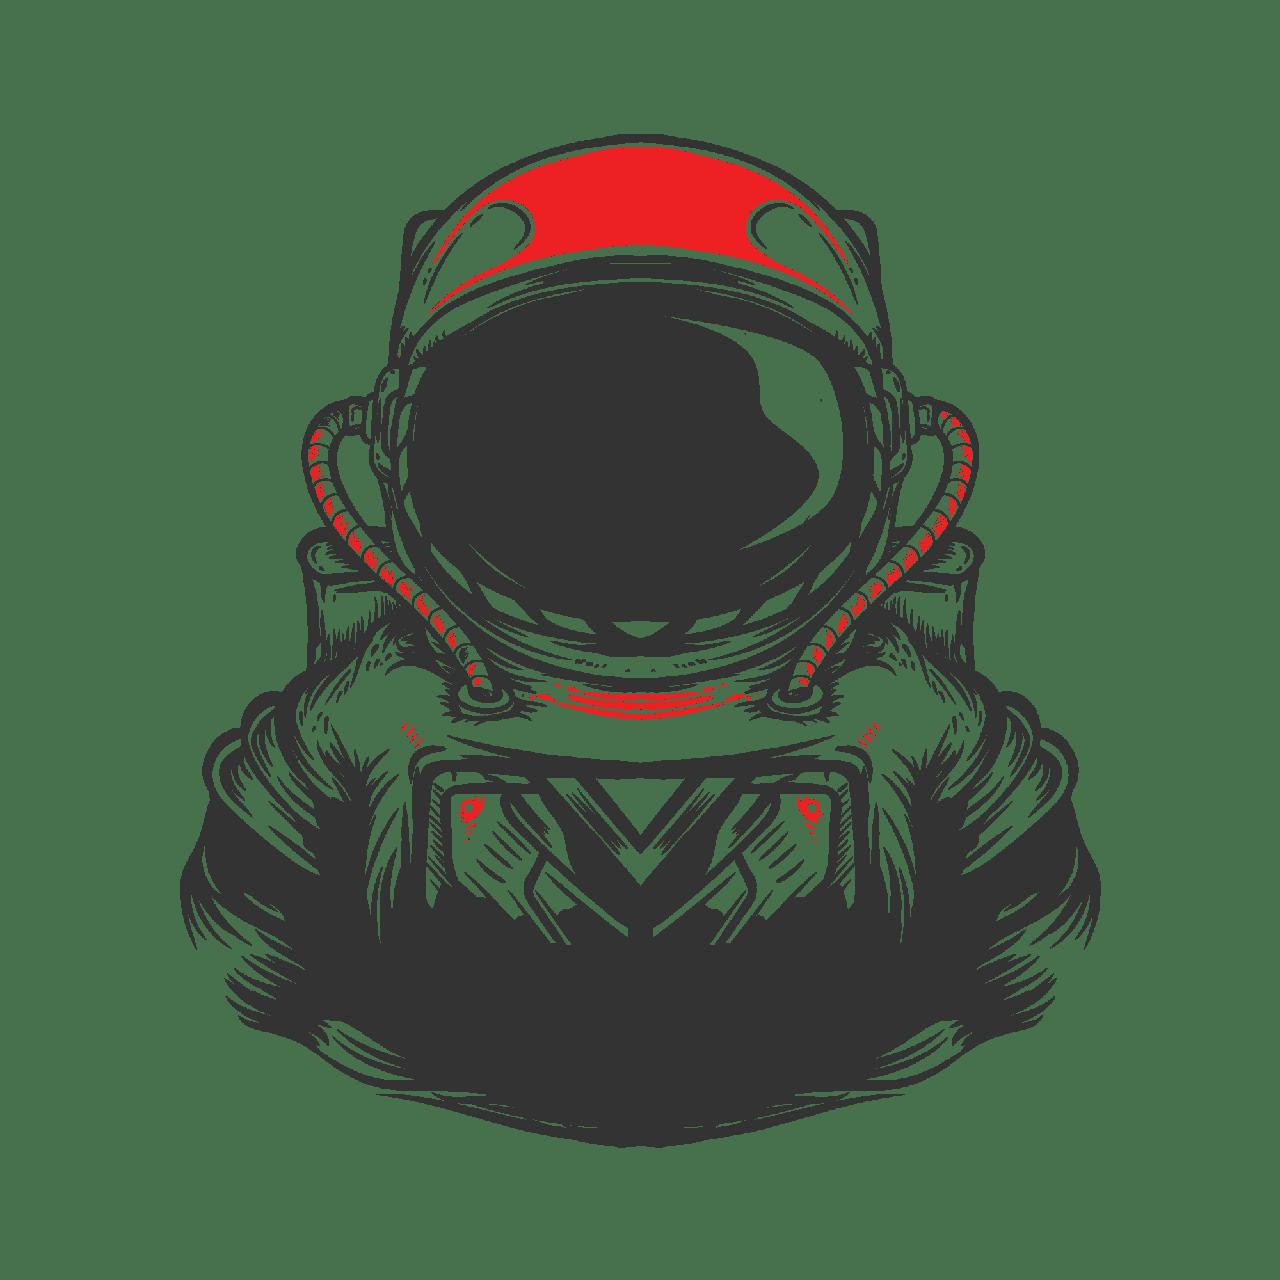 80d1c268-bc98-11ea-a68a-0242ac110003-astronaut (1)-min.png